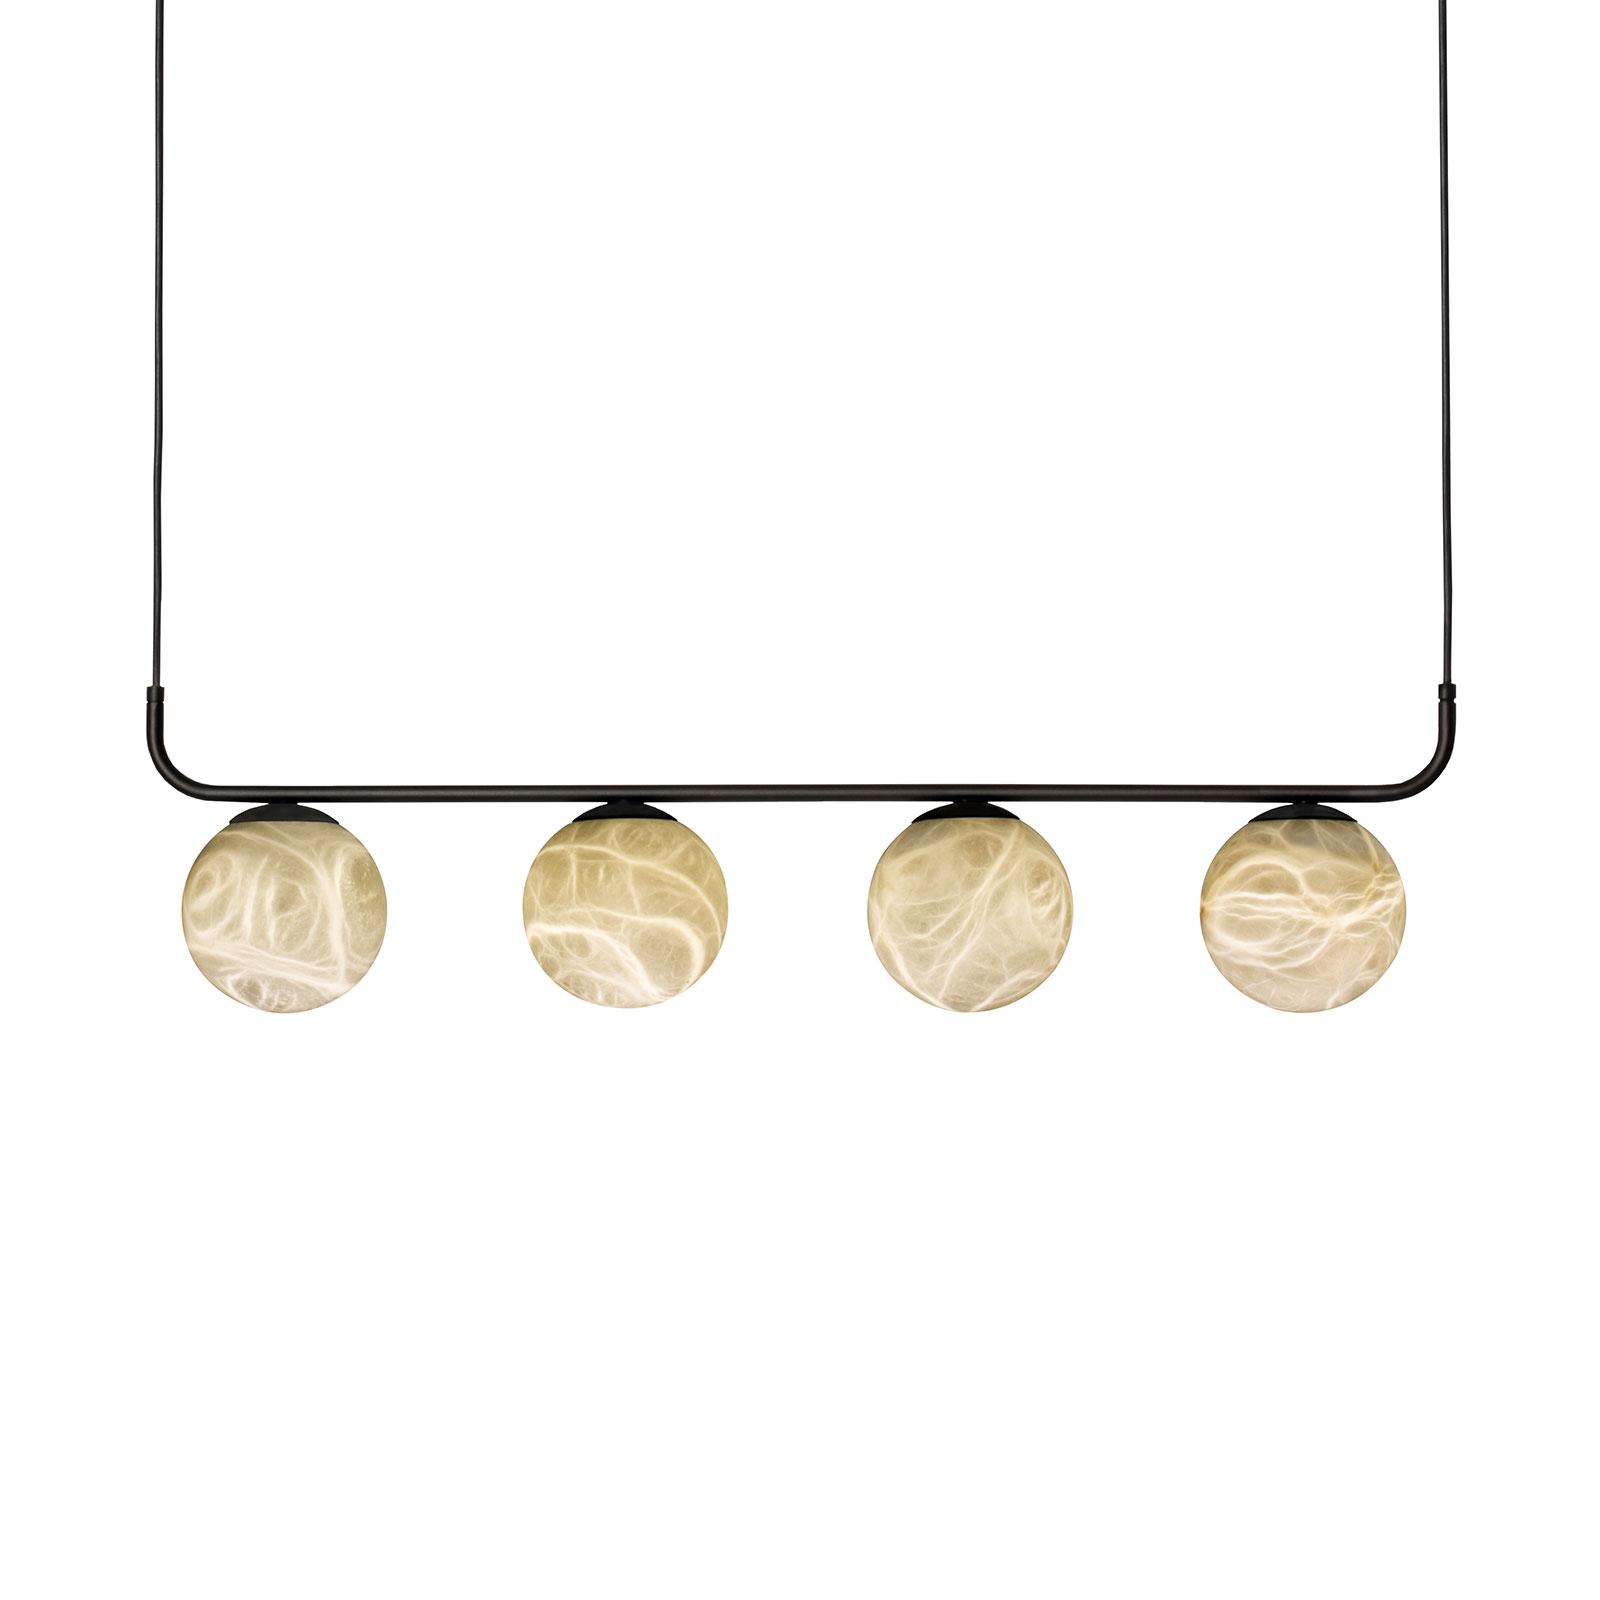 LED-hänglampa Tribeca med alabaster 4 lampor